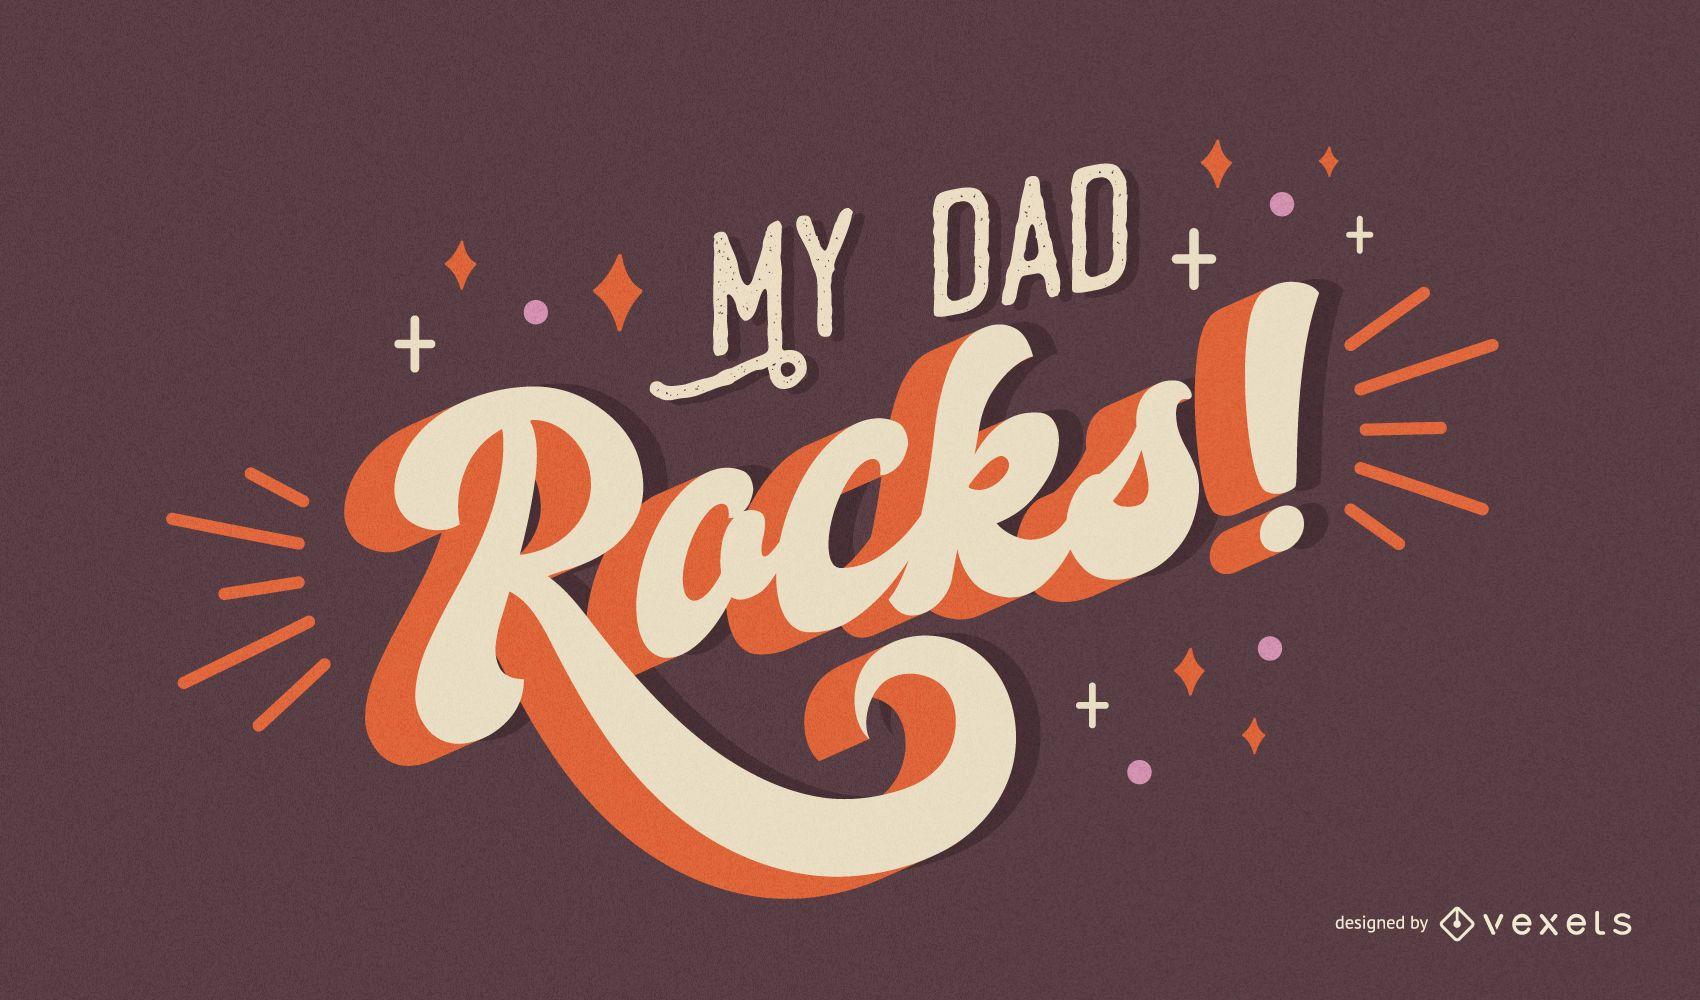 My dad rocks lettering design